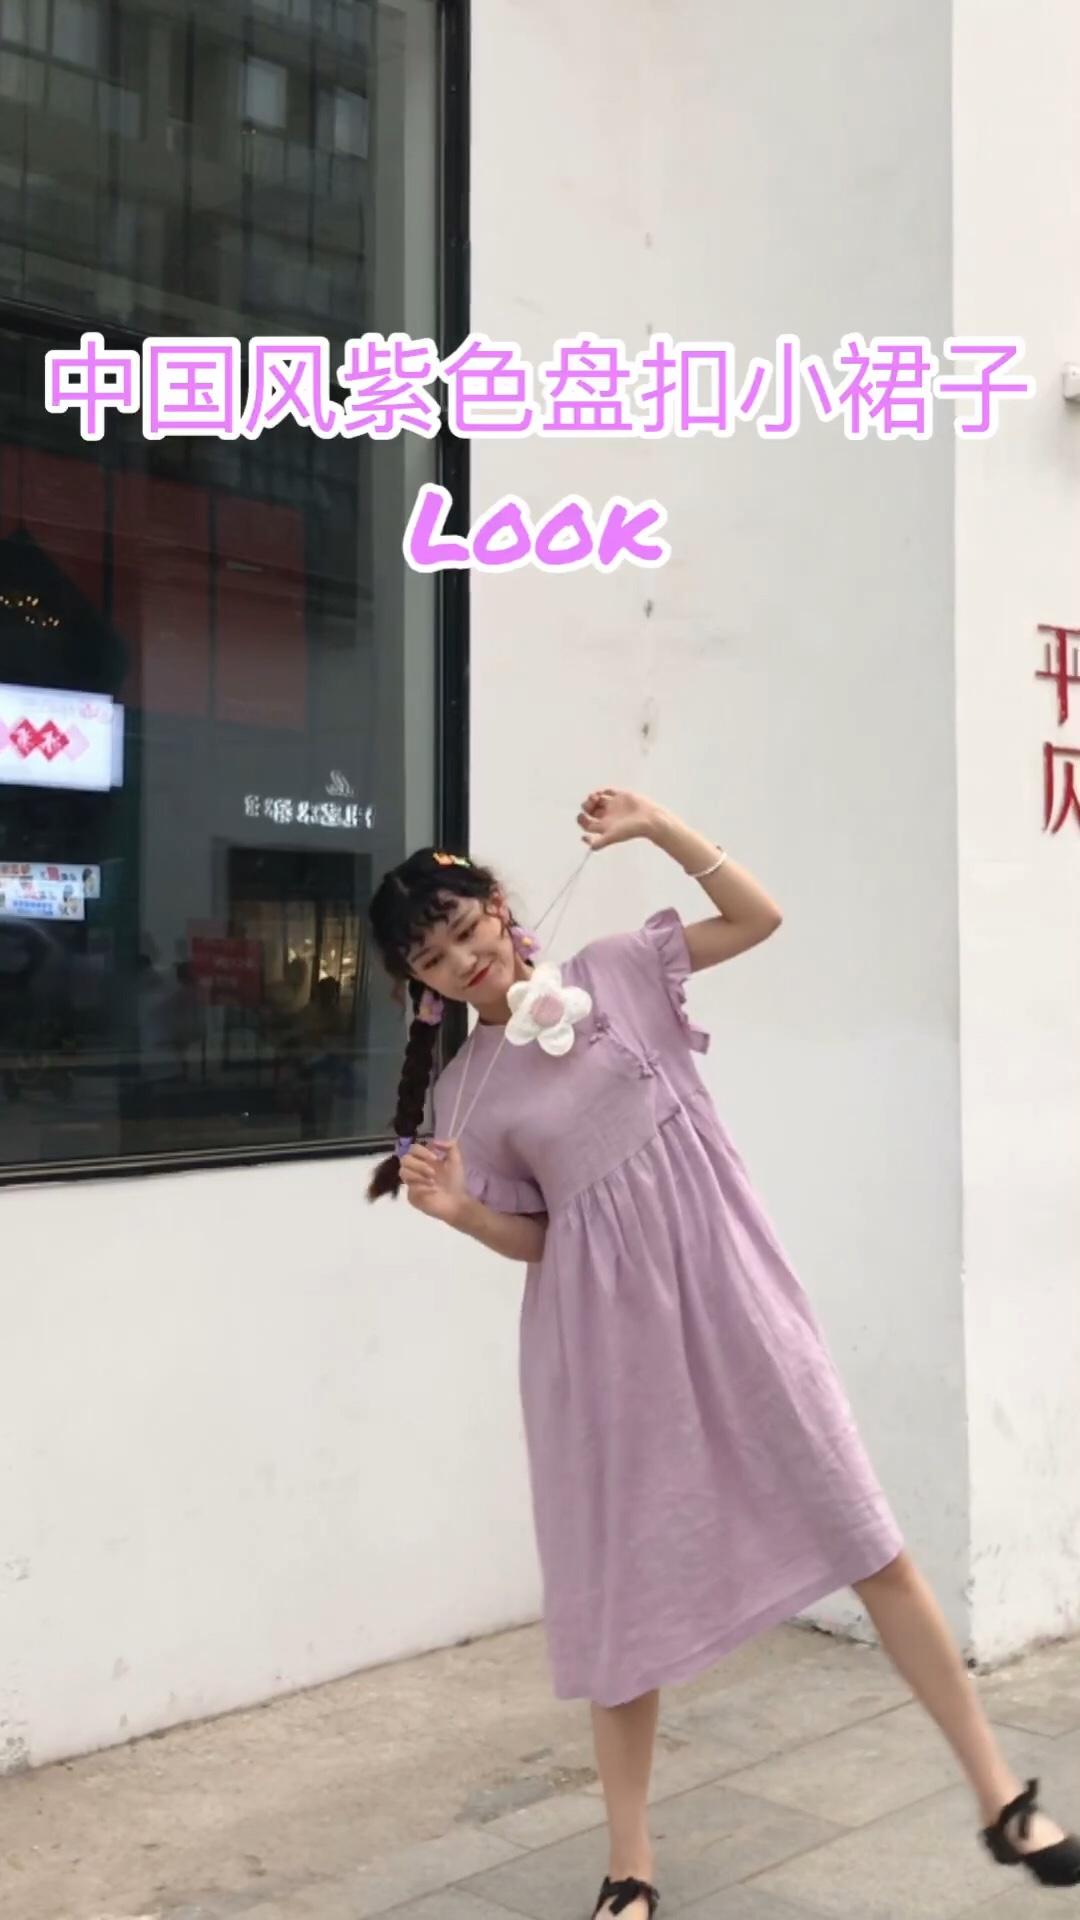 #618网红爆款穿搭集合# 具有中国风的盘扣设计小裙子,这个紫色就淡淡的很有复古的感觉~同时也很清新啦! 无袖的设计和袖口的设计都是这条裙子的亮点! 很淑女的一款裙子,小个子女生一定不能错过!